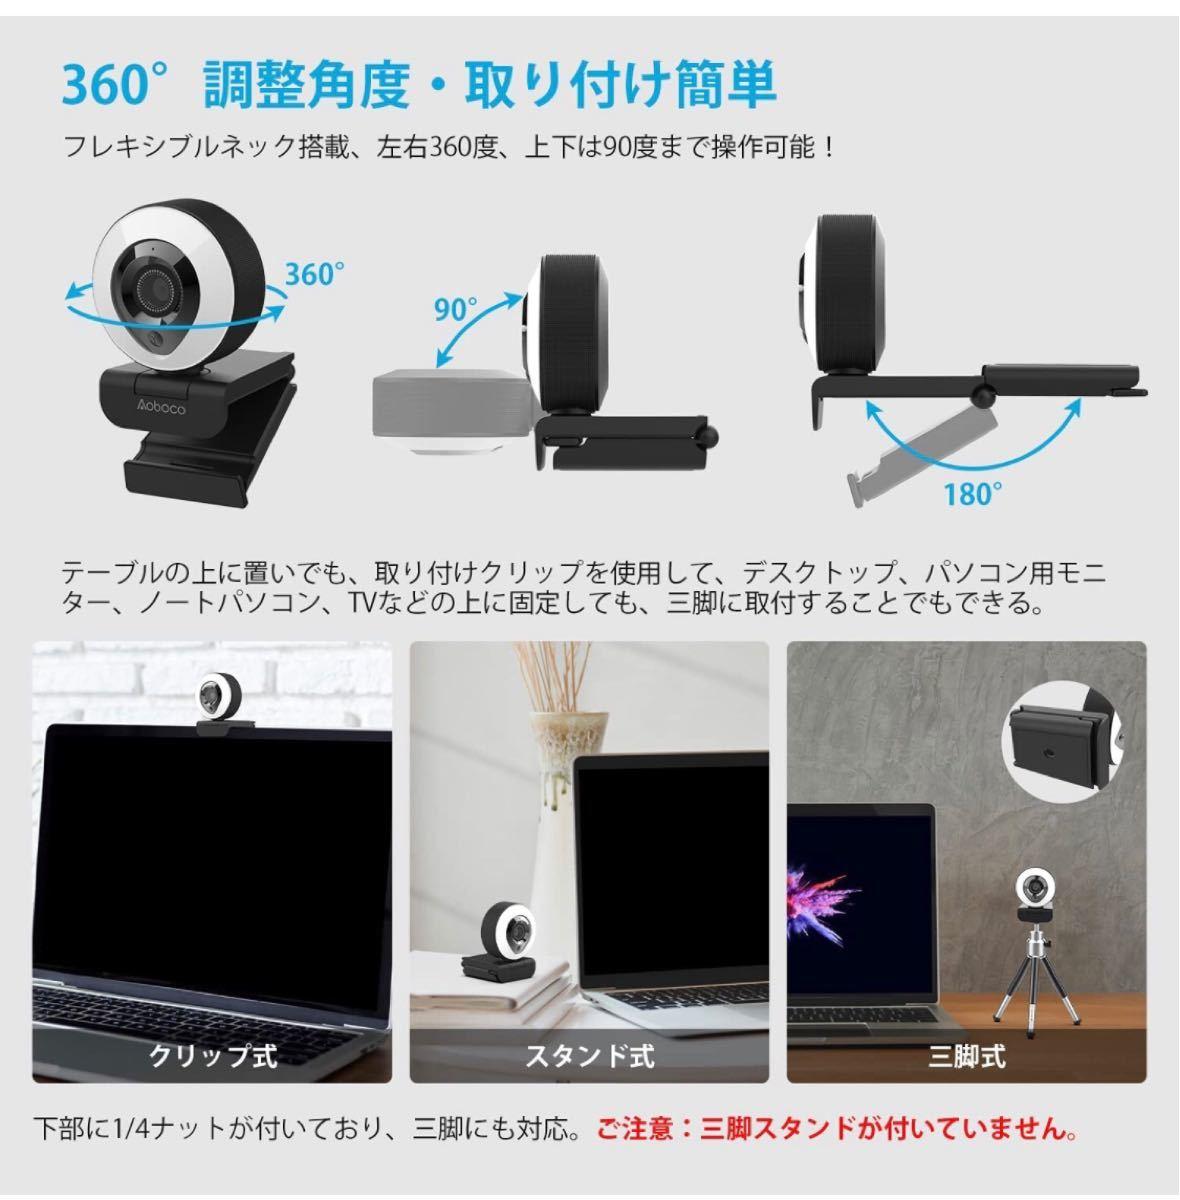 webカメラ PCカメラ ウェブカメラ フルHD1080p リングライト付き H.264 オートフォーカス マイク内蔵 美顔機能